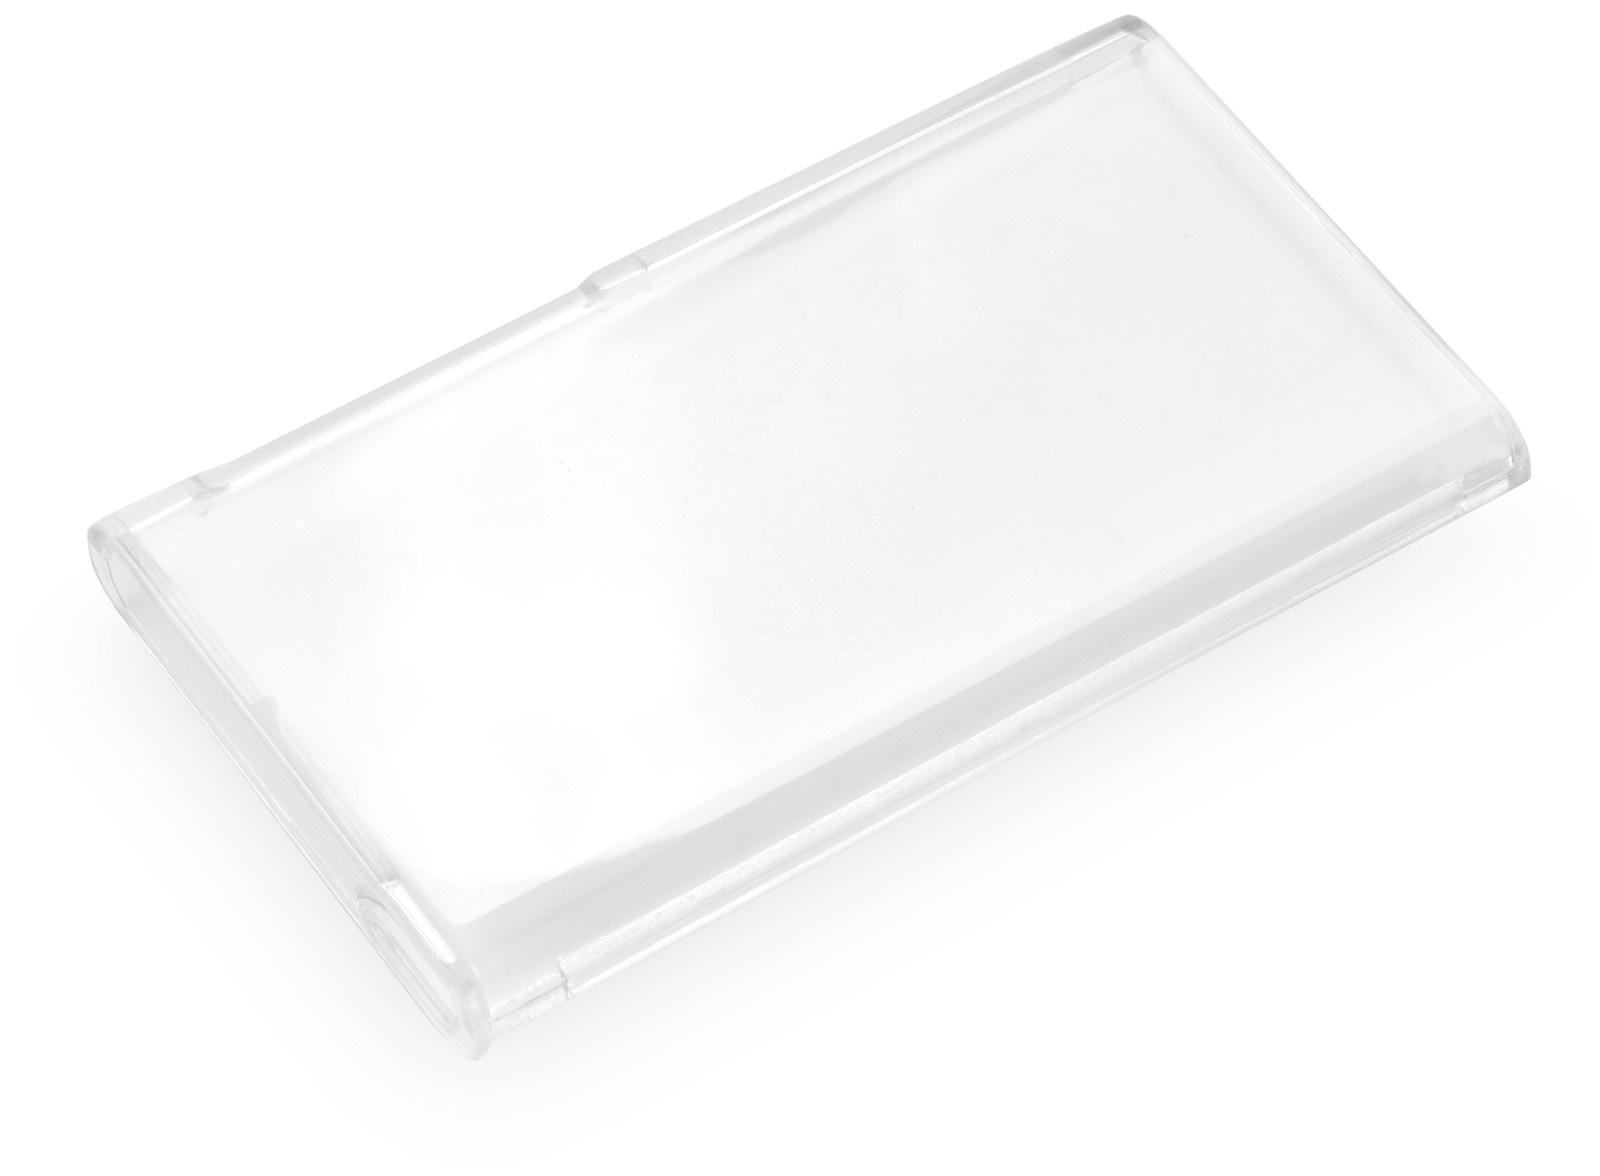 Чехол iNeez накладка пластик двусторонний для Apple iPod Nano 7,190058,прозрачный iNeez